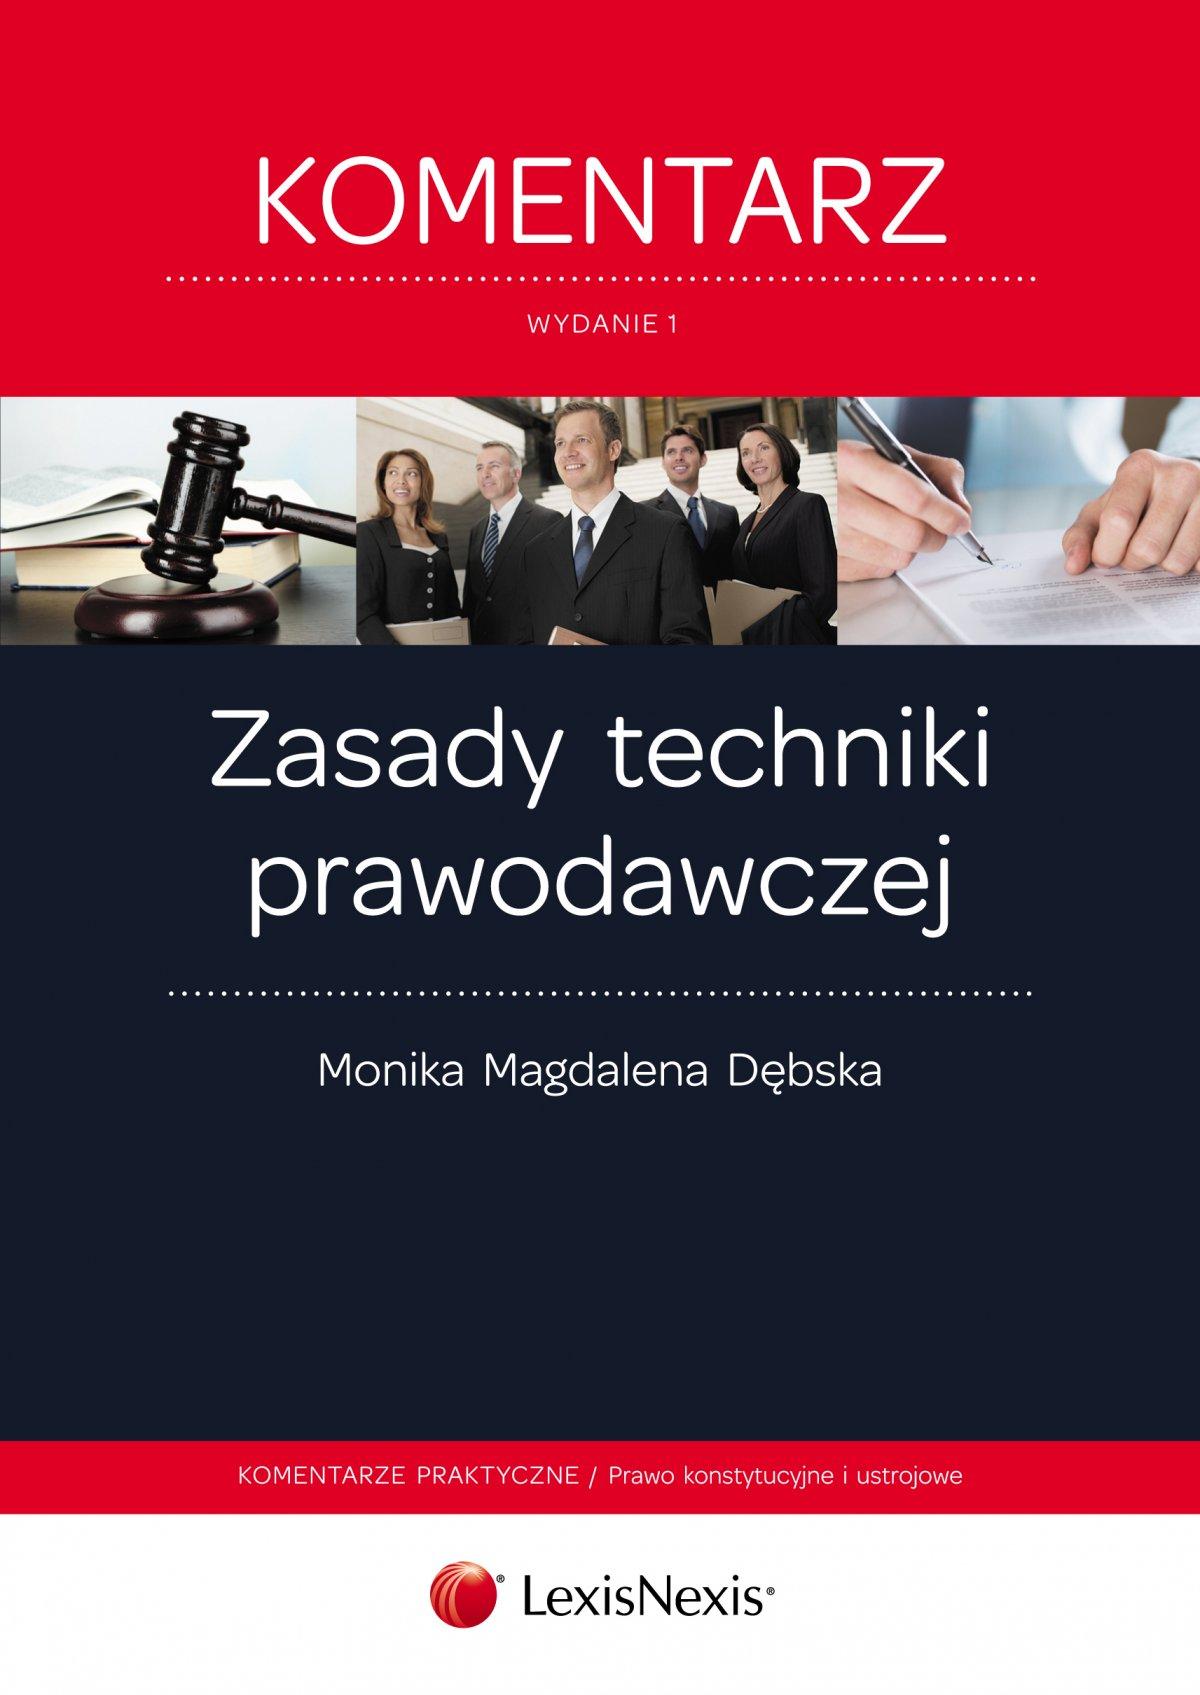 Zasady techniki prawodawczej. Komentarz. Wydanie 1 - Ebook (Książka EPUB) do pobrania w formacie EPUB